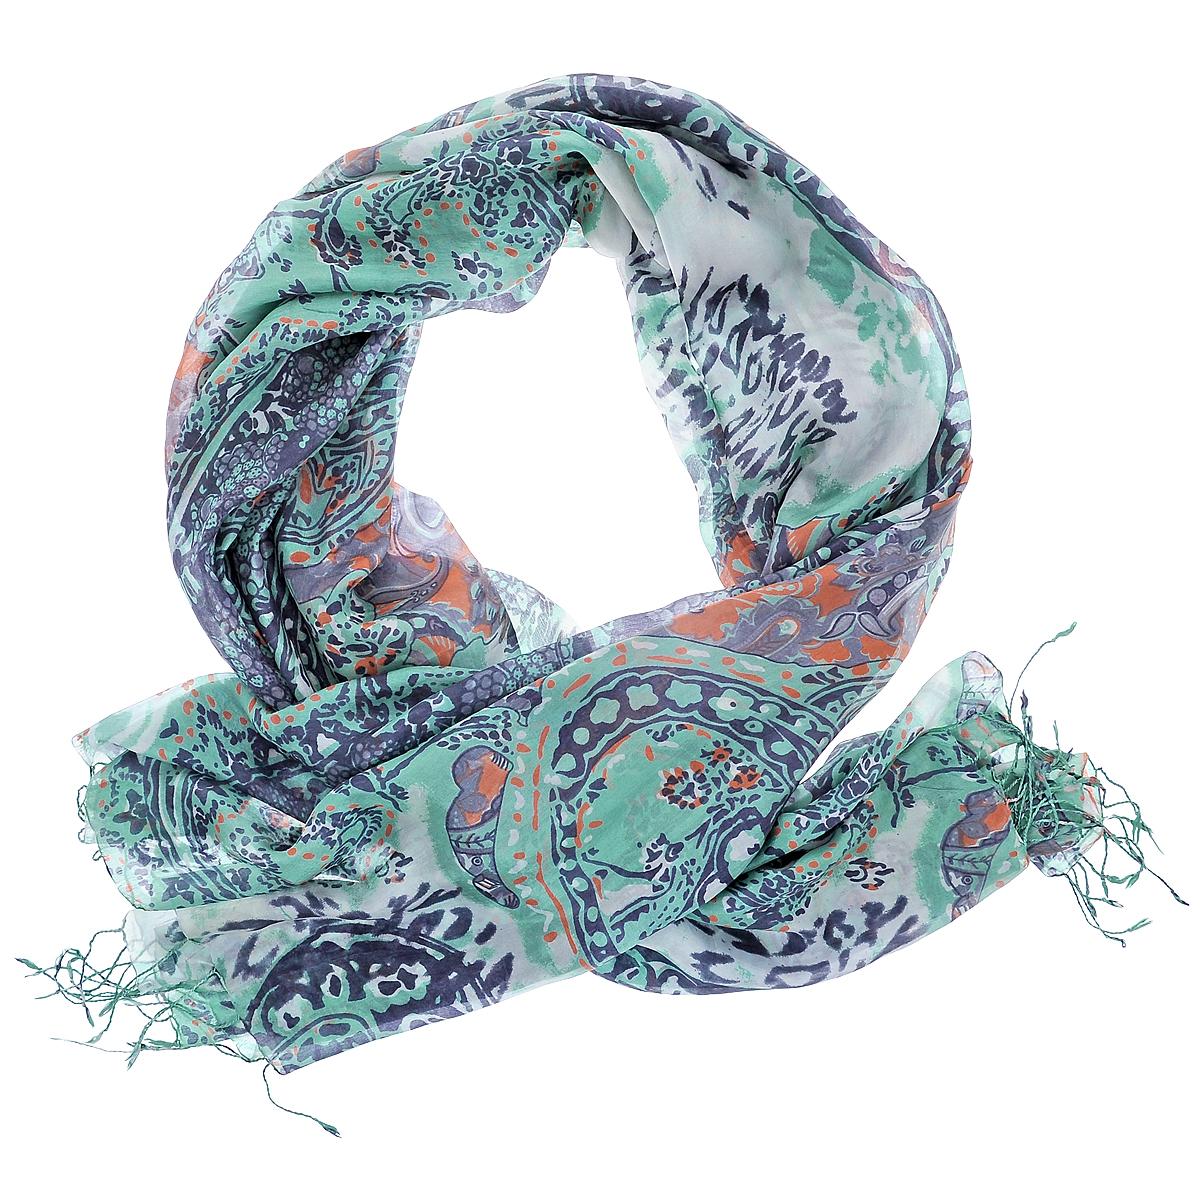 ПалантинS-PAISLEY.ANIMAL/GOLDПалантин выполнен из натурального шелка. Рисунок этого женского палантина рождает образ таинственного Востока. В нем звучат мотивы персидских тканей, одежд и ковров, овеянных для европейцев особой тонкой магией. Доминирует в композиции элемент бута - легендарный индо-персидский символ в виде слезы, восточного огурца, стилизованной пальмовой ветви. Этот символ - поистине золотой сон европейской моды.